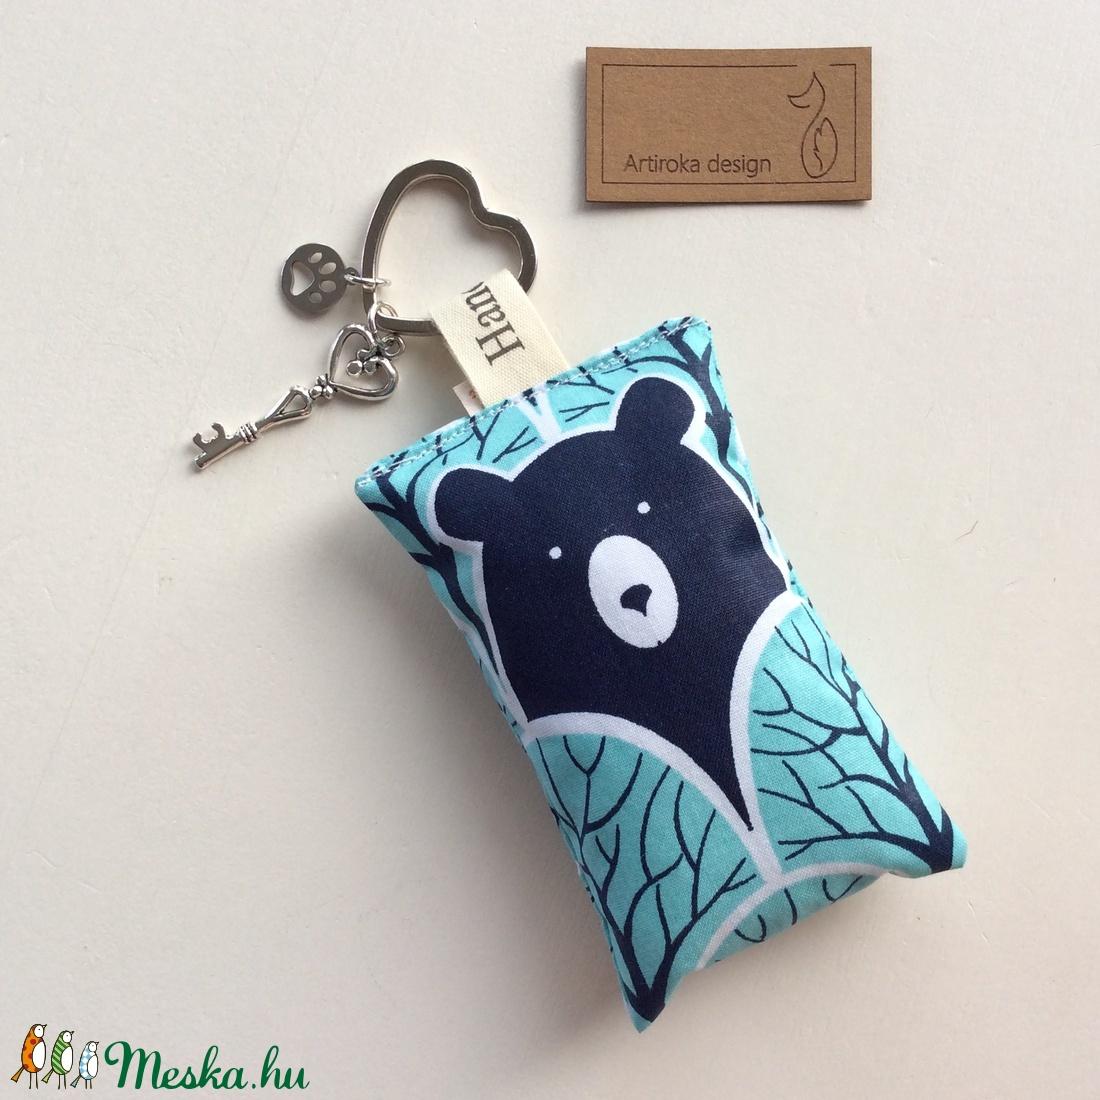 Mackó az erdőben, türkiz színű kulcstartó, szív alakú kulcskarikán +  vintage kulcs + tappancs medál - Artiroka design (Mesedoboz) - Meska.hu